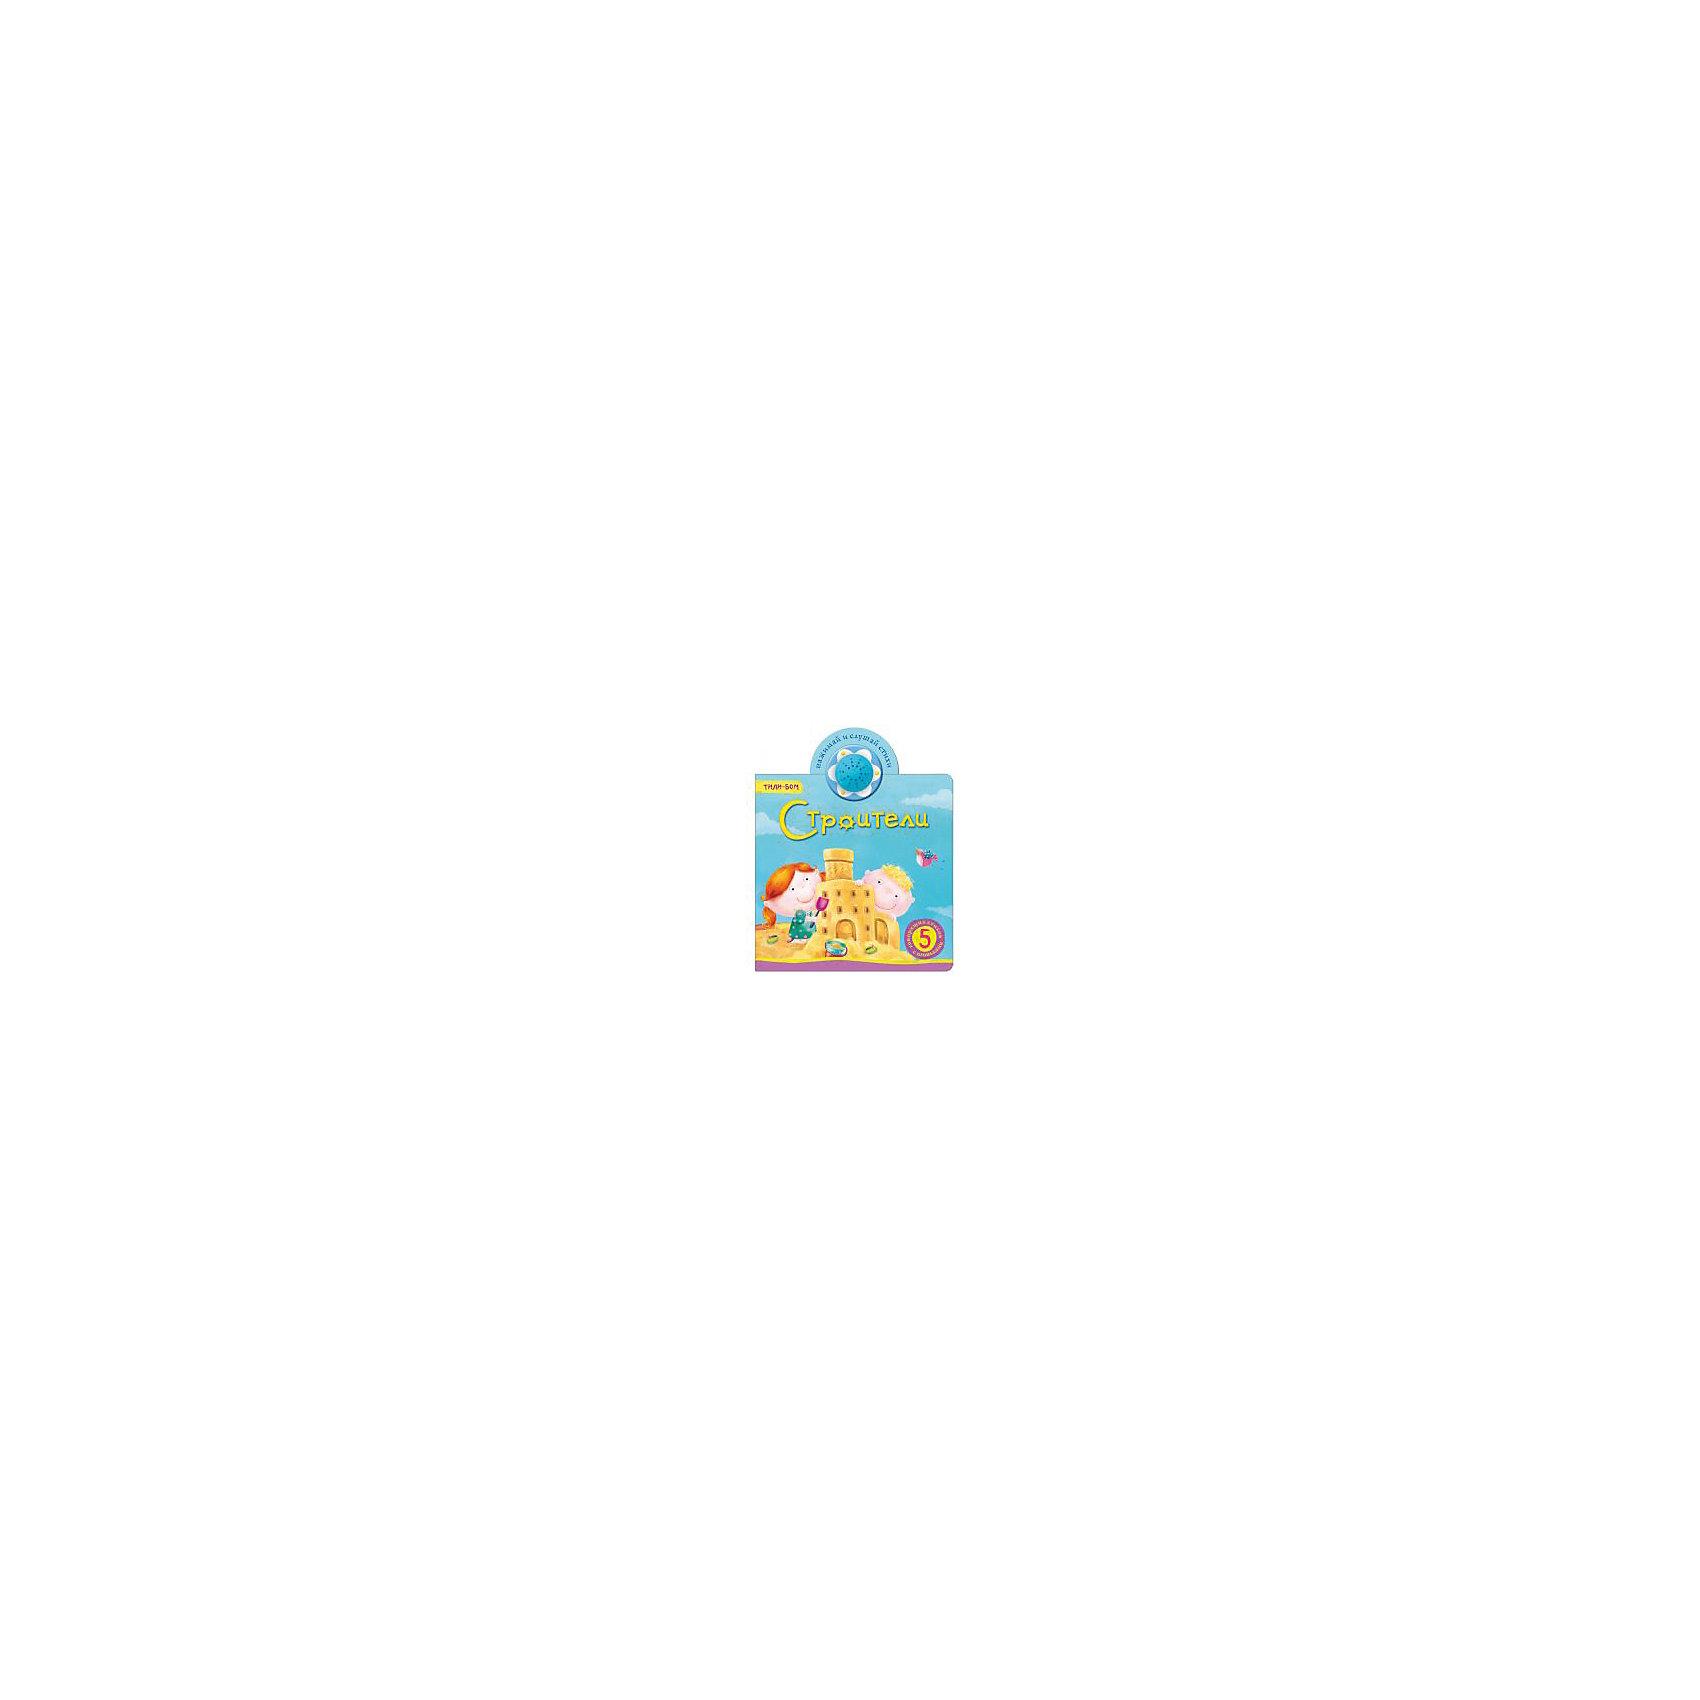 Книга со звуковым модулем СтроителиКрасочно проиллюстрированные стихи Бориса Заходера обязательно понравятся малышам! Нажимай на кнопочку, слушай веселые стихотворения в прекрасном исполнении и смотри, как переливаются разноцветные огоньки.<br>Плотная обложка и картонные страницы идеально подойдут даже для самых юных и активных читателей. <br><br>Дополнительная информация:<br><br>- Автор: Борис Заходер.<br>- Формат: 17х21 см.<br>- Количество страниц: 10.<br>- Переплет: картон.<br>- Иллюстрации: цветные.<br>- Плотные картонные страницы. <br>- Звуковой модуль. <br>- Элемент питания: батарейки (в комплекте). <br><br>Книгу со звуковым модулем Строители можно купить в нашем магазине.<br><br>Ширина мм: 17<br>Глубина мм: 21<br>Высота мм: 17<br>Вес г: 240<br>Возраст от месяцев: 24<br>Возраст до месяцев: 48<br>Пол: Унисекс<br>Возраст: Детский<br>SKU: 4951803